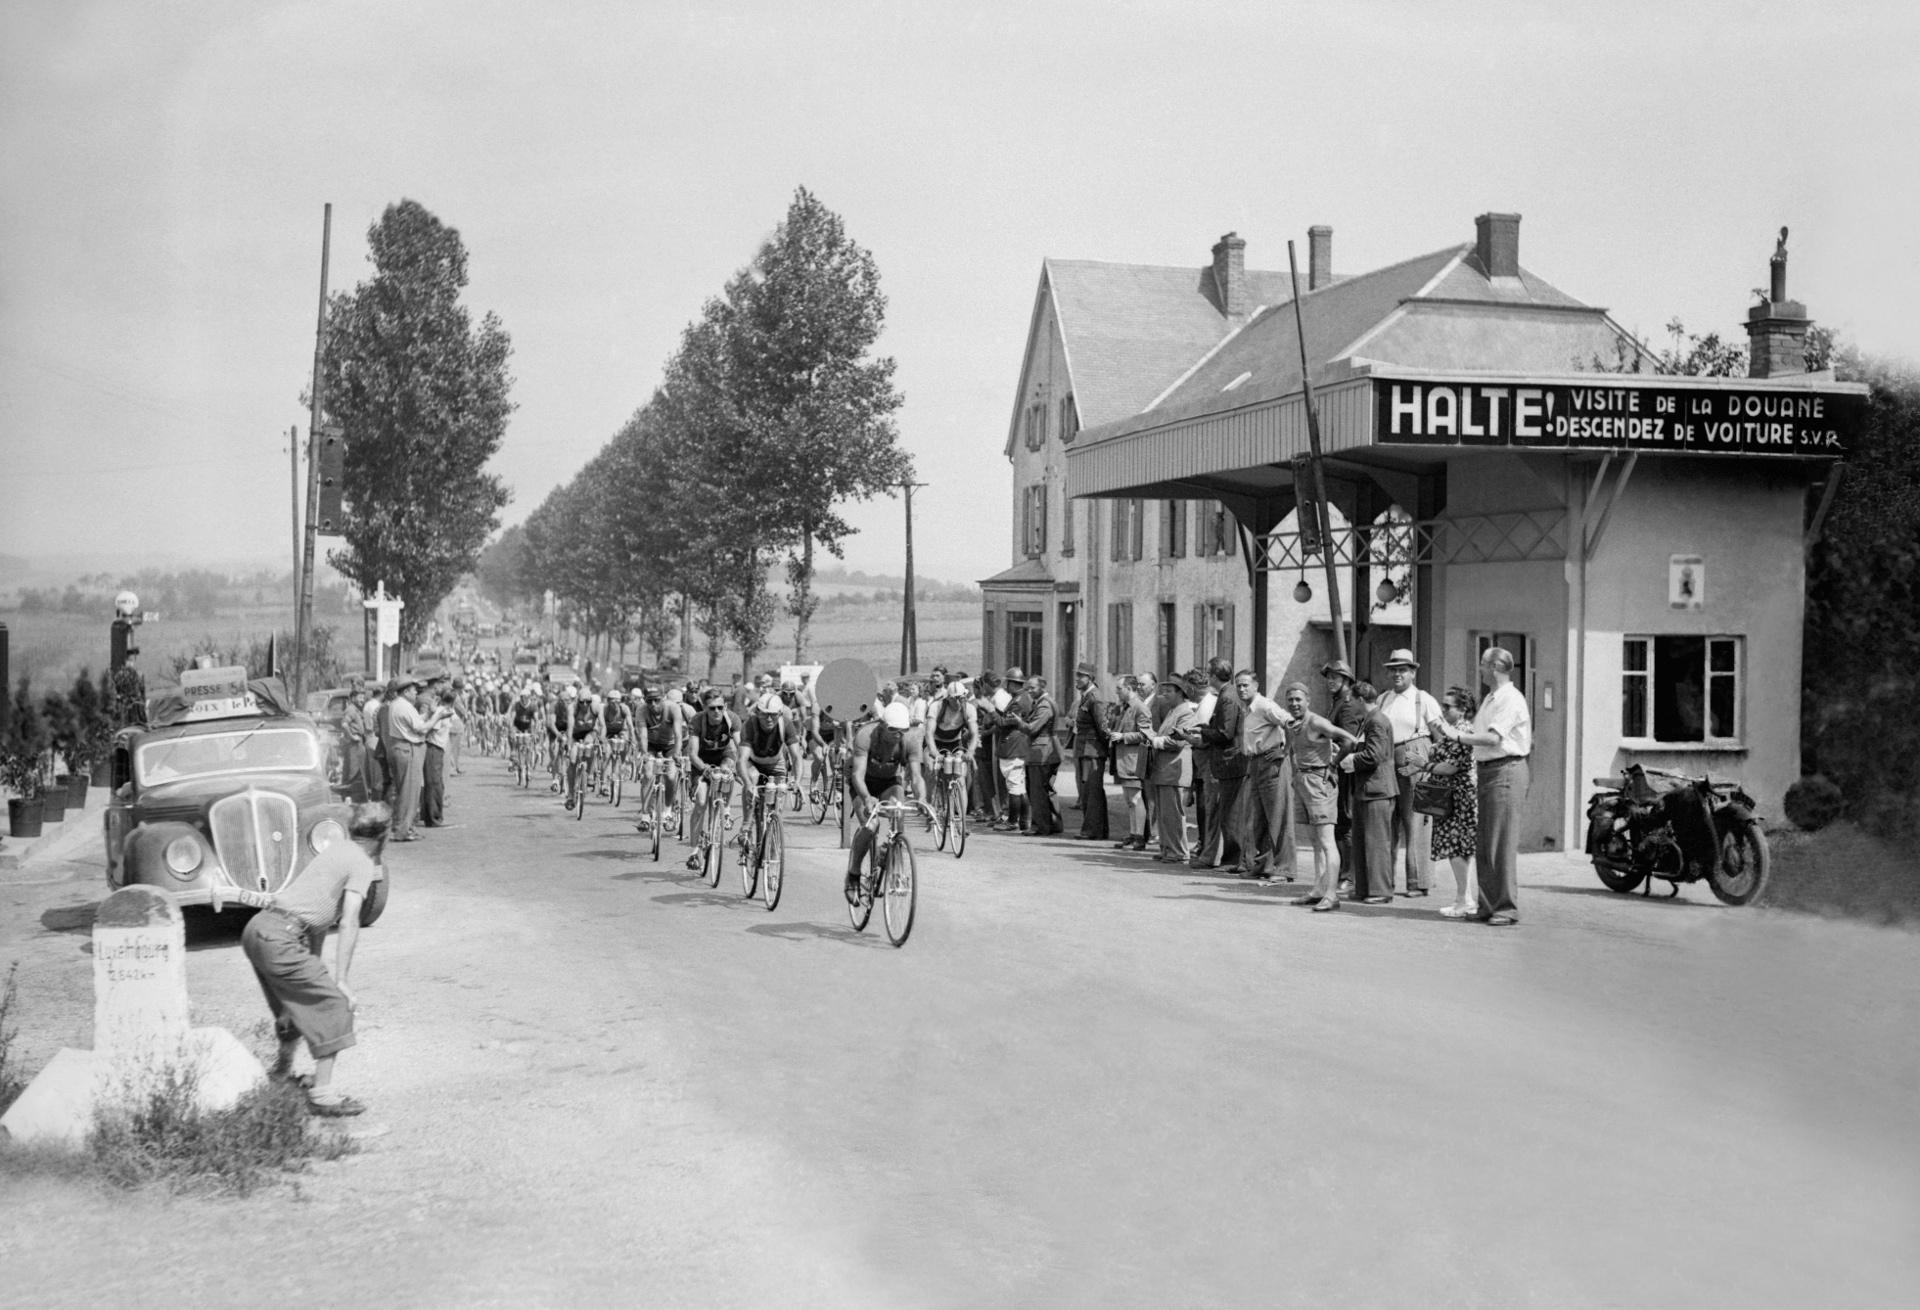 Tour de france 2017 le tour et leurope la france au mozambique 27 june 1947 3rd stage brussels belgium luxembourg luxembourg publicscrutiny Image collections